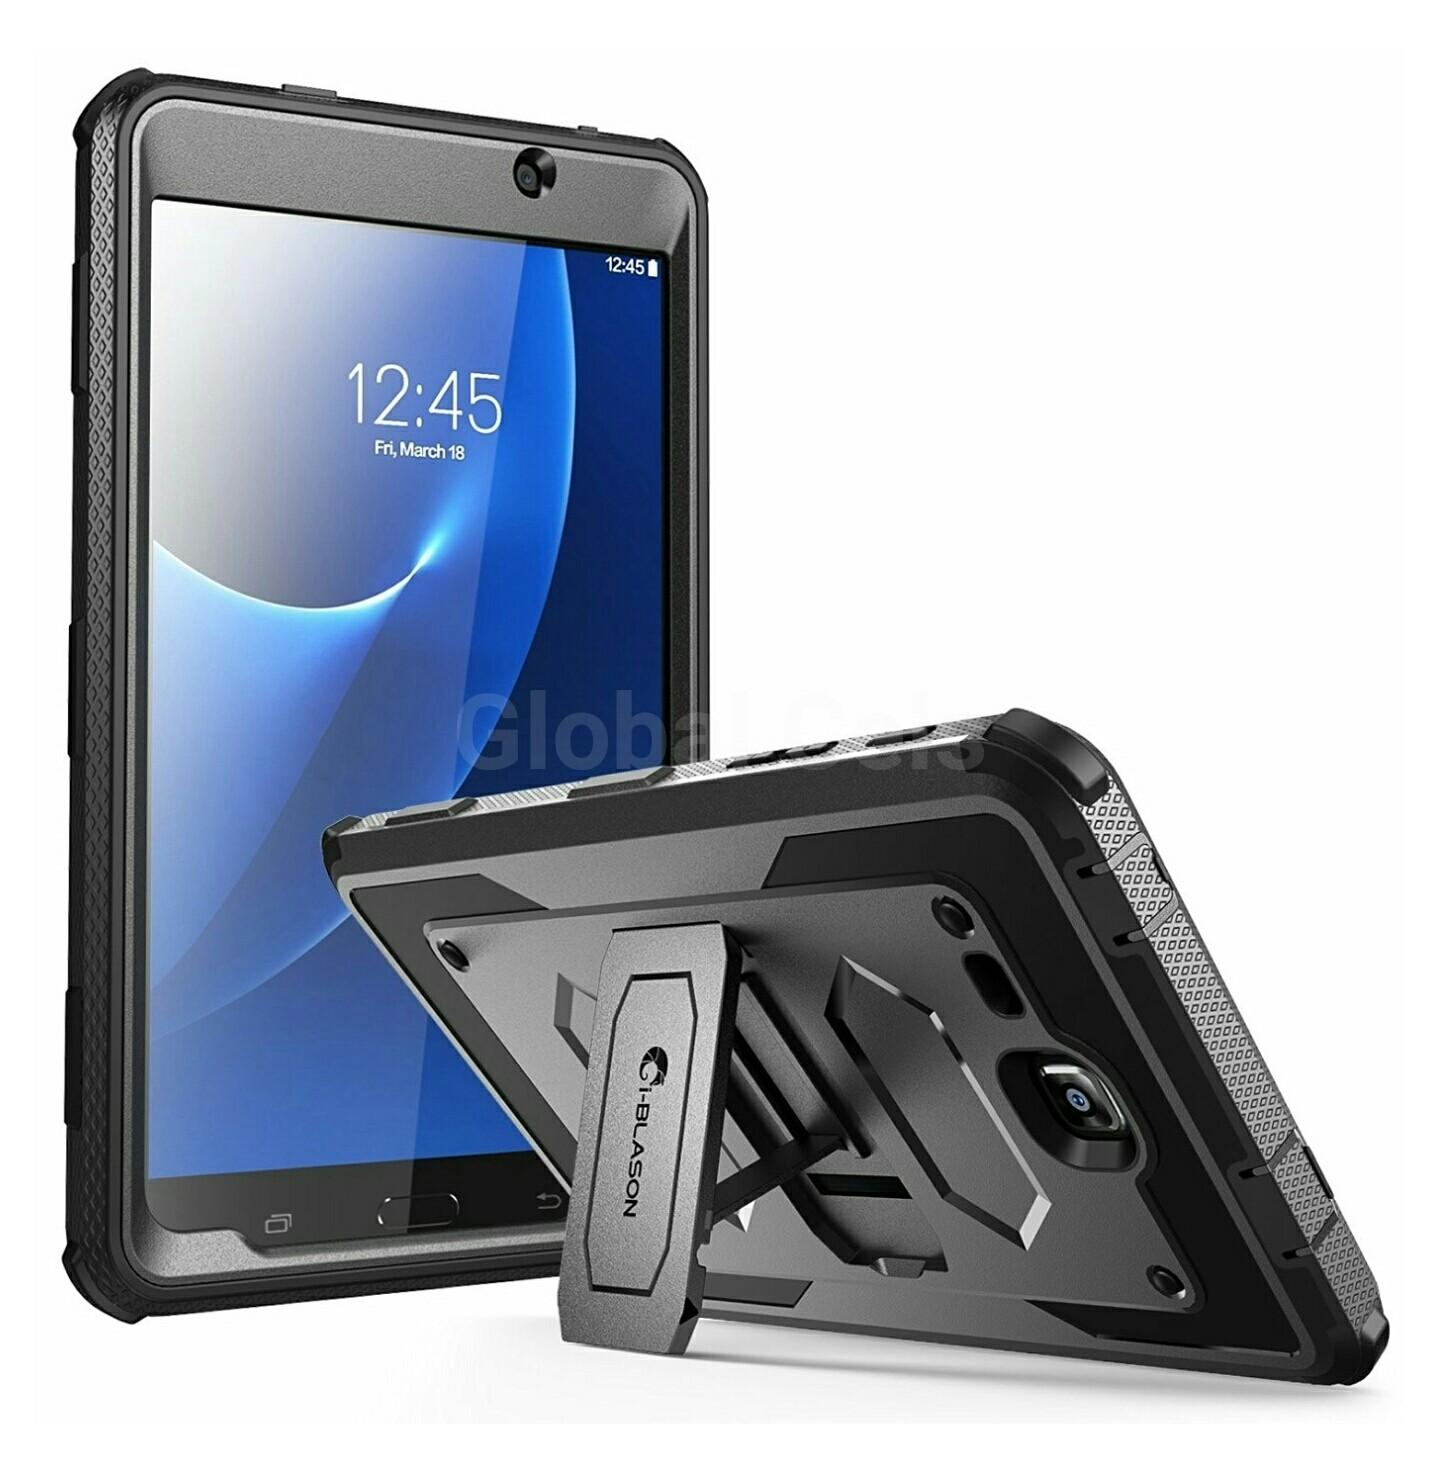 Case Funda Galaxy Tab A 7,0 Protector Extremo Caídas / Parante